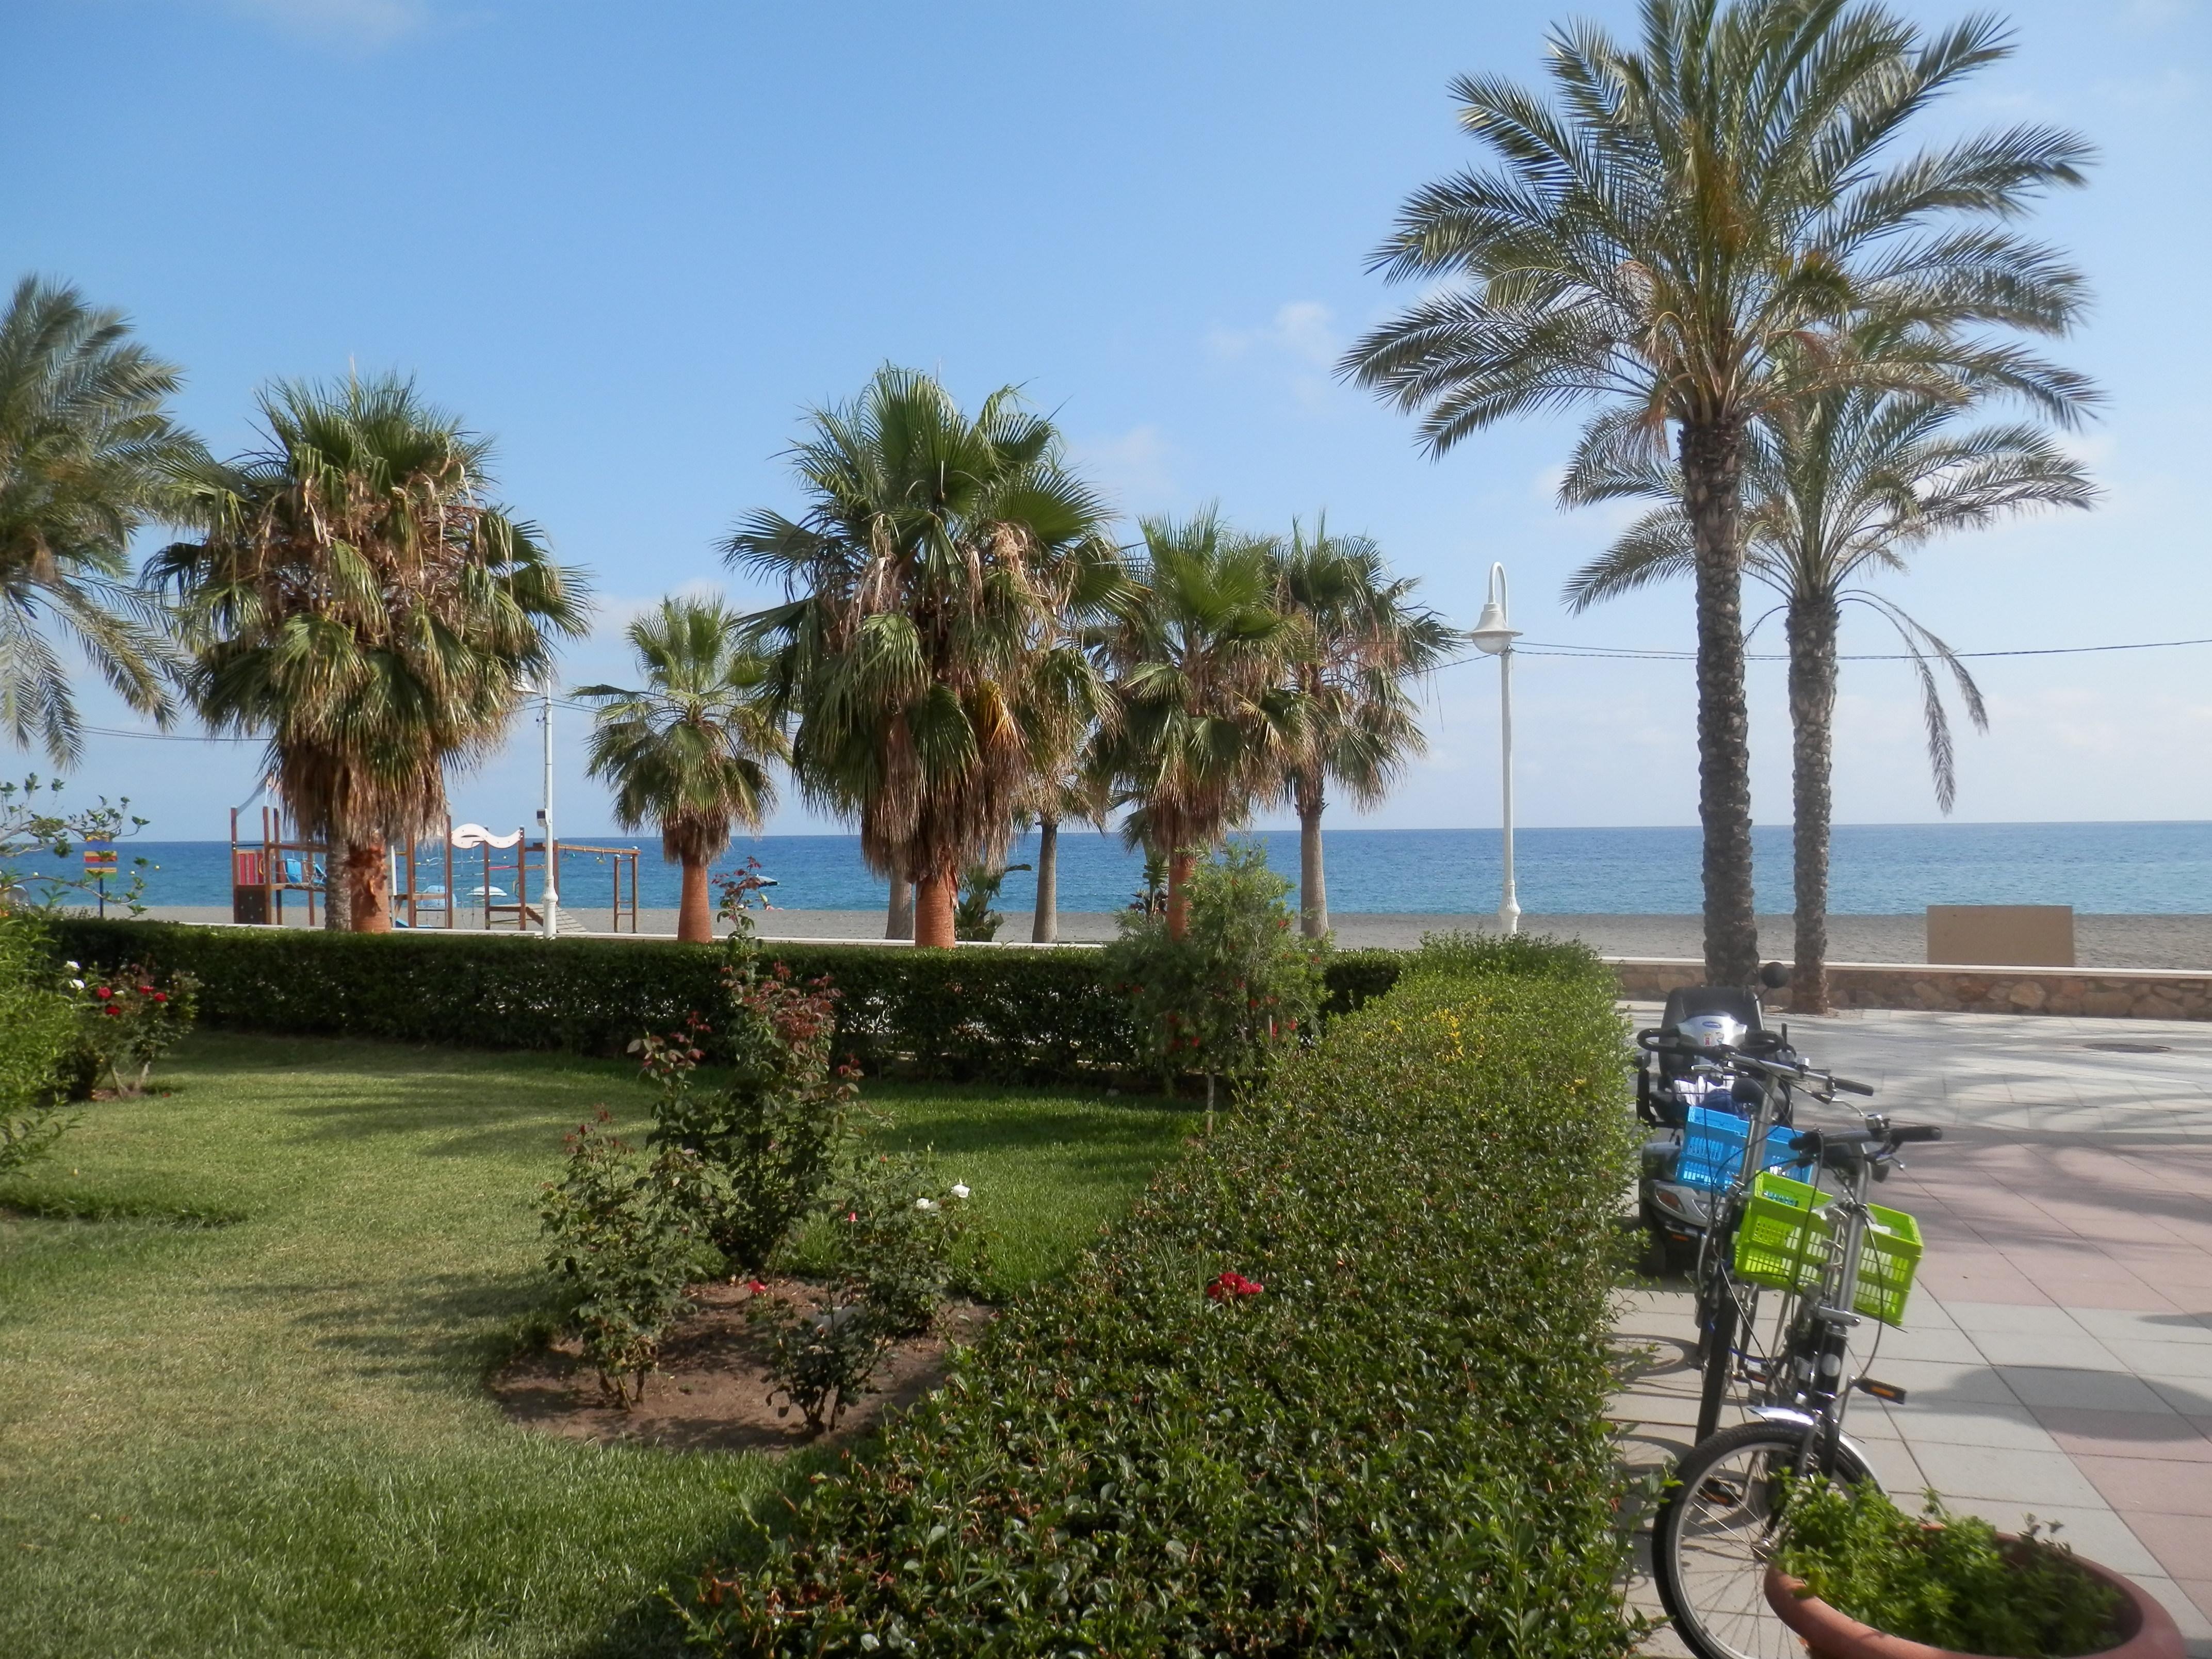 Holperty Holidays & Properties Algarrobo Costa-Axarquía, Costa del Sol, Andalucía, España